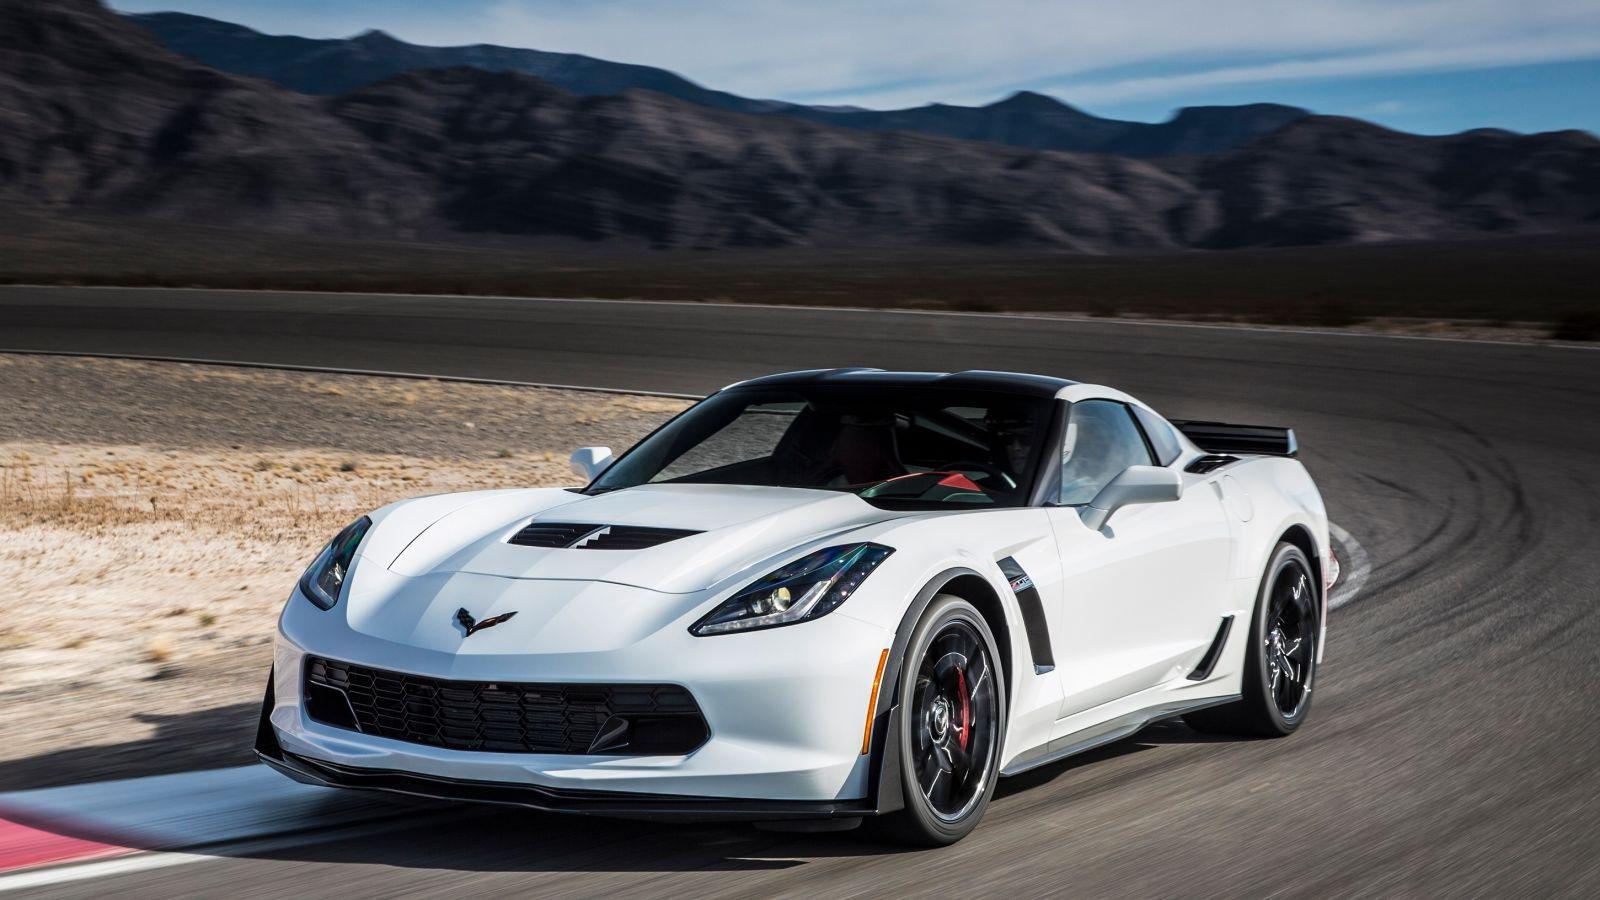 Driving Tips for High-Horsepower Corvettes